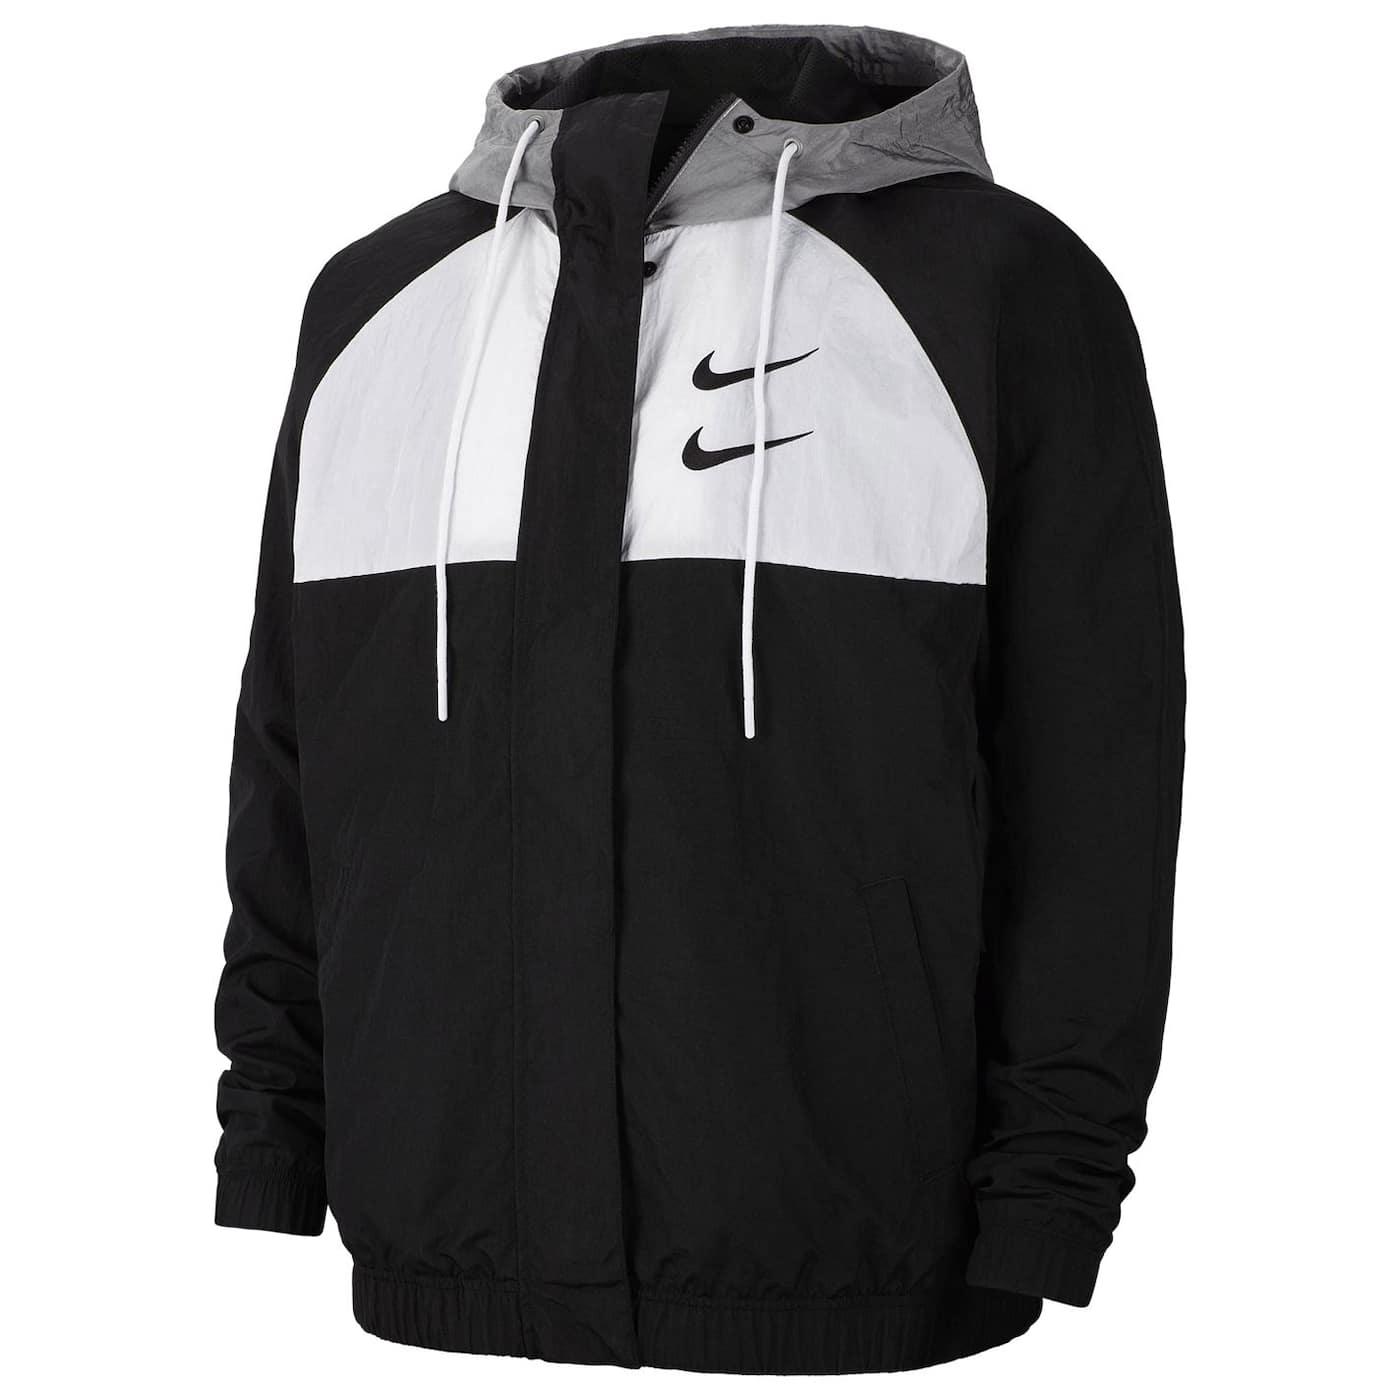 Nike Sportswear Swoosh Woven Hooded Jacket Mens